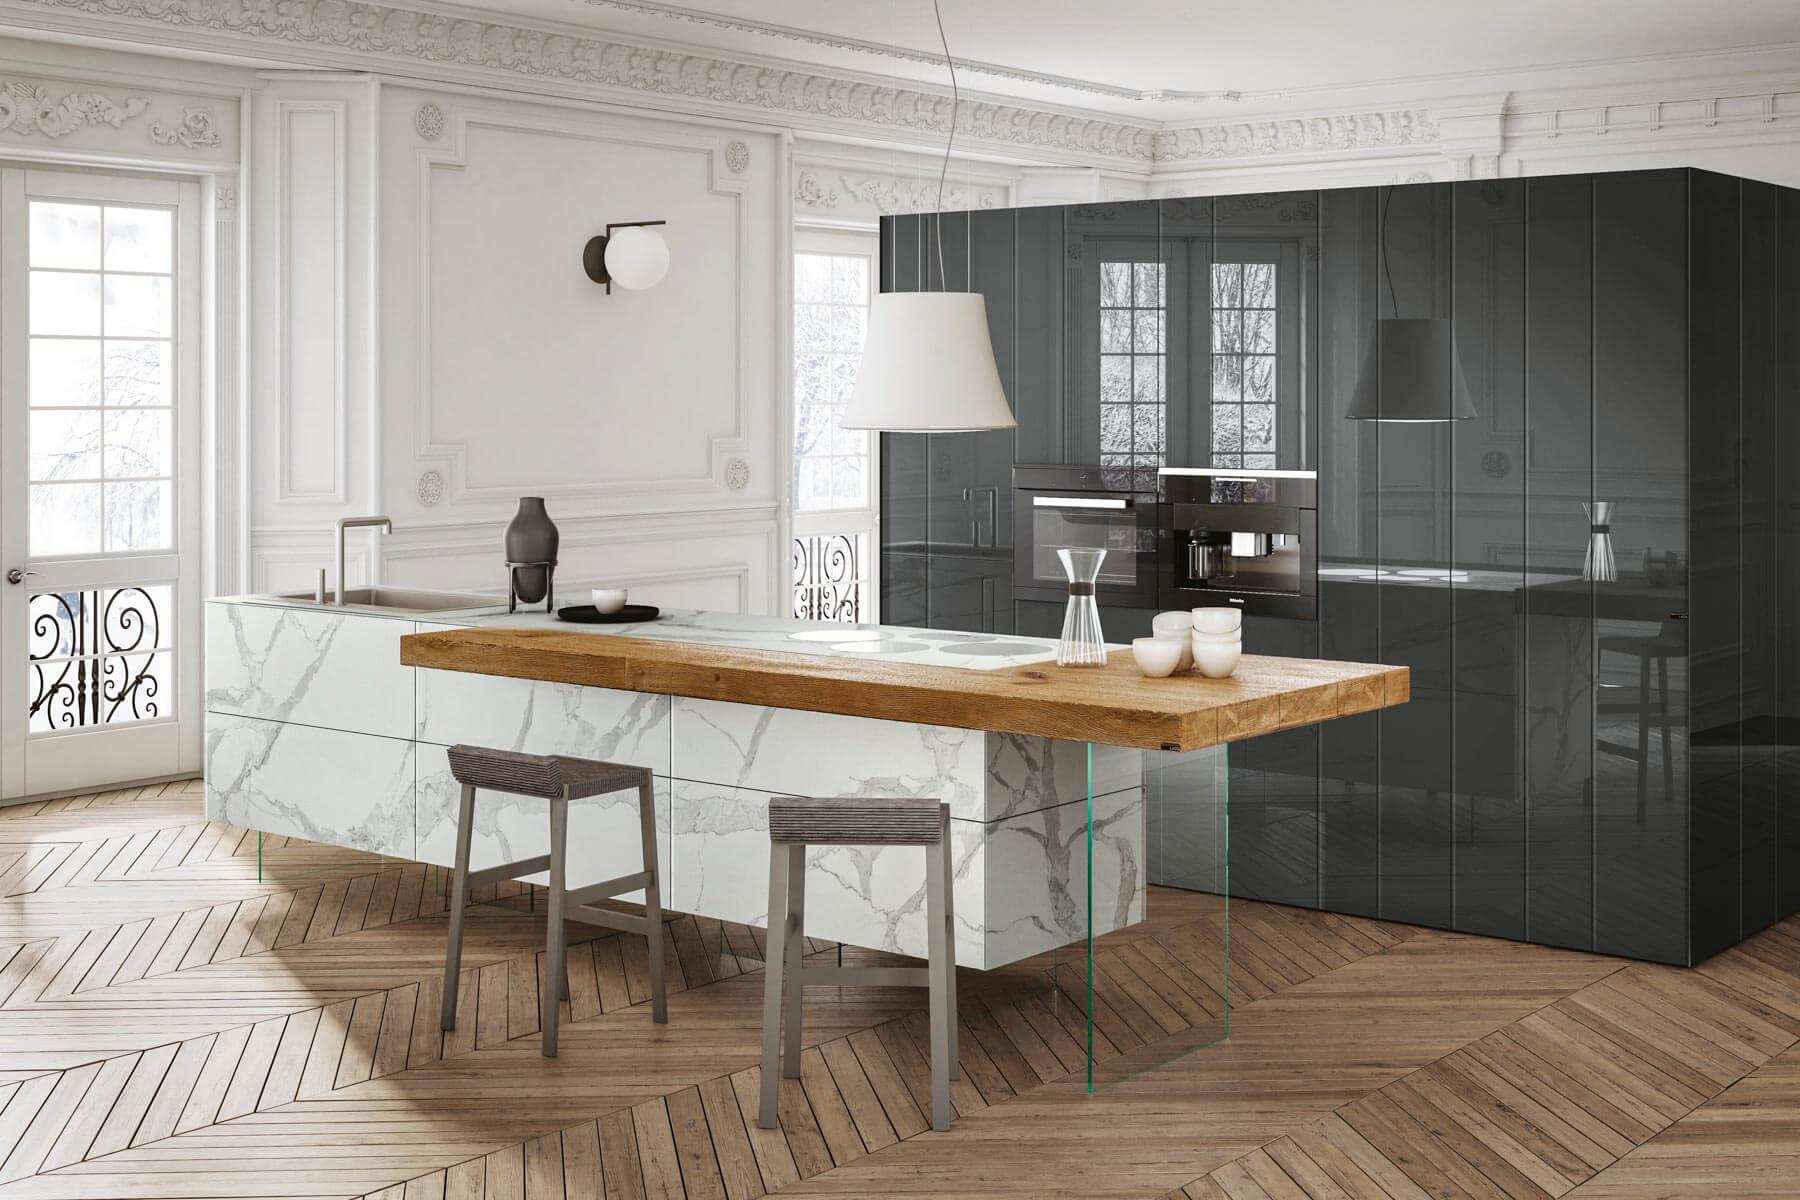 2_Kitchen-island-36e8-lago-design